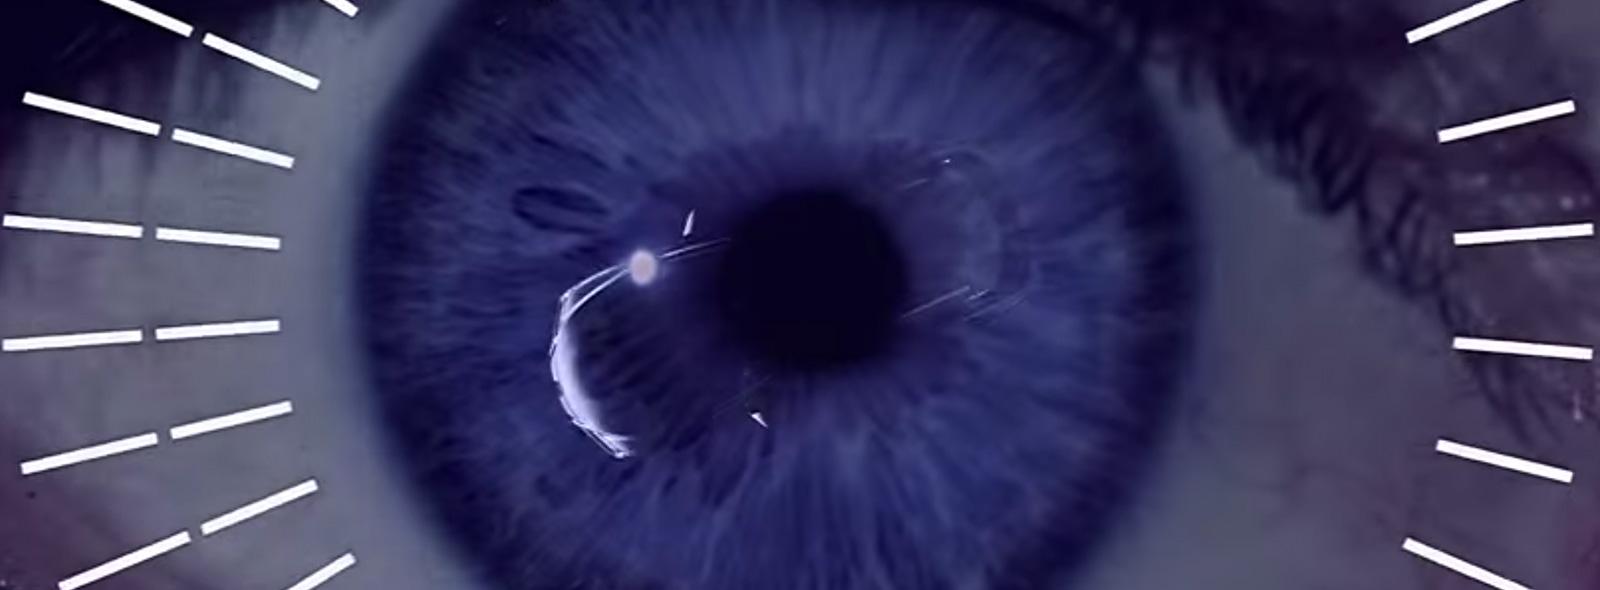 Al centro di una pupilla colore blu è visibile un RX Hybrid blu